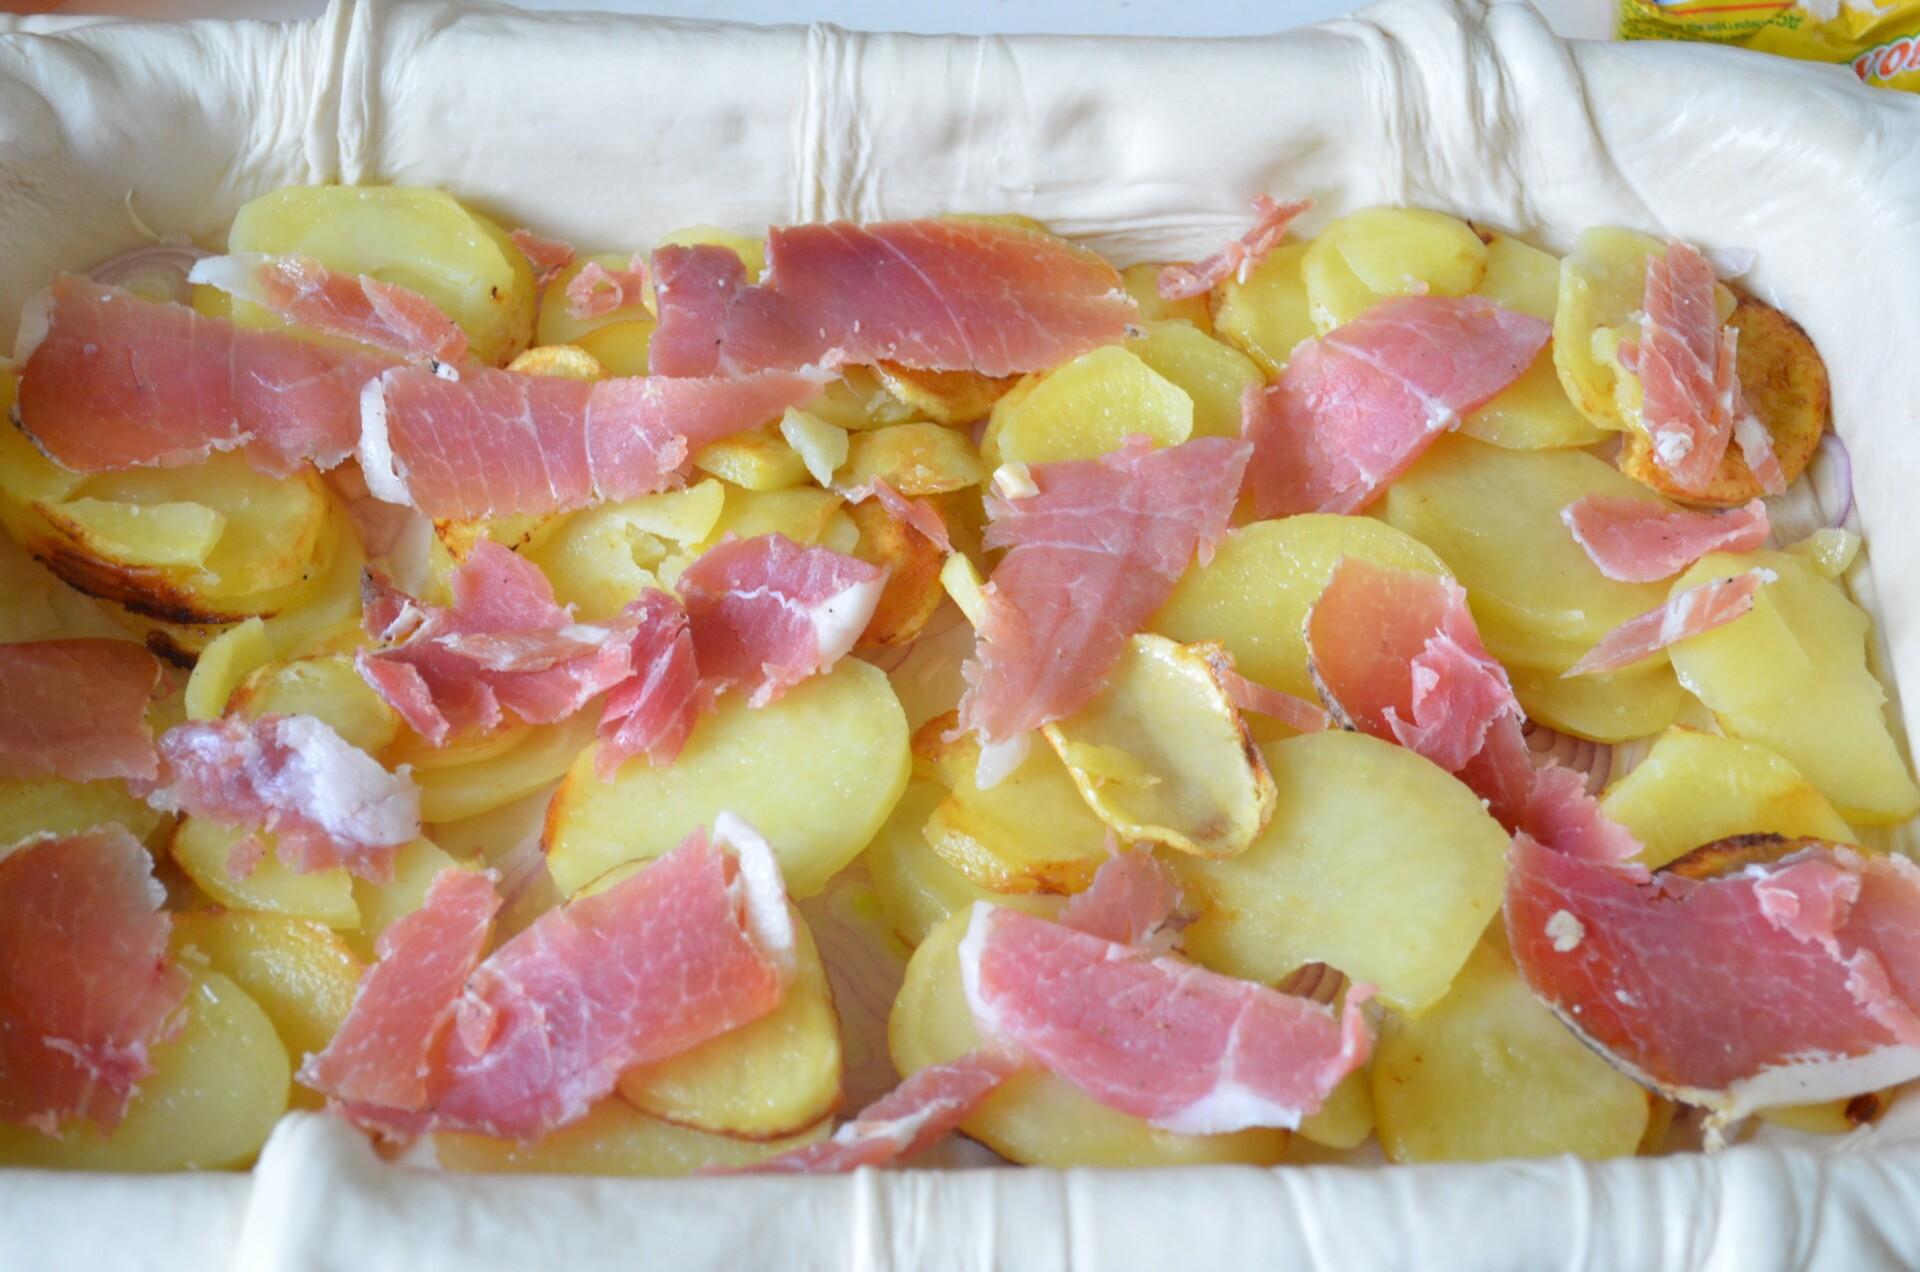 Кладем слой обжаренной картошки и слой прошутто